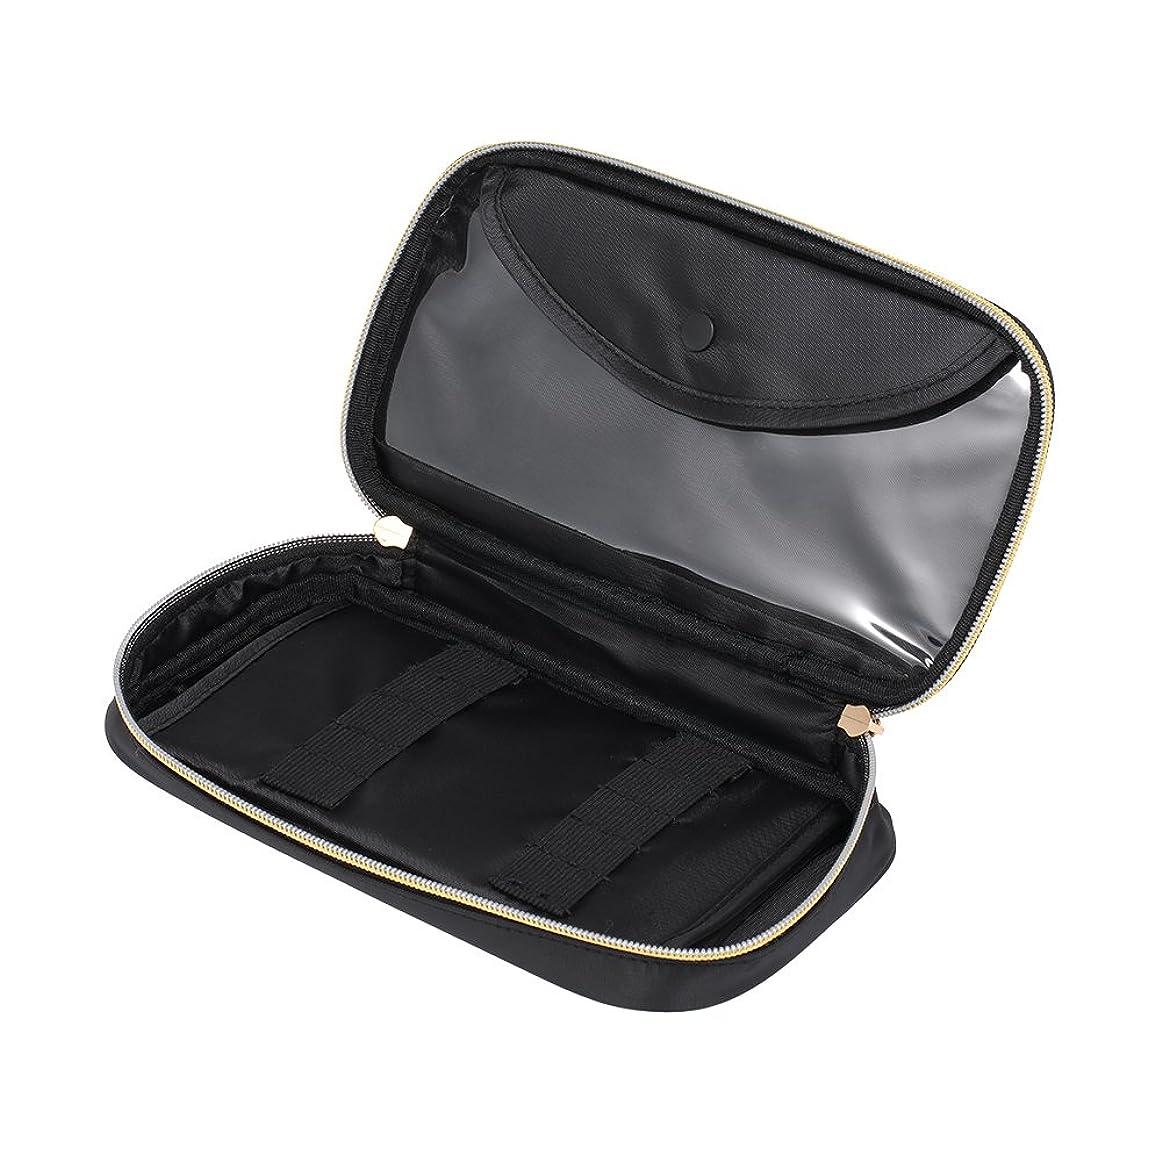 ツイン歩き回るしみDecdeal ネイルアートペン収納ポーチ ネイルブラシ用 大容量 化粧メイクバッグケース用 防水収納袋